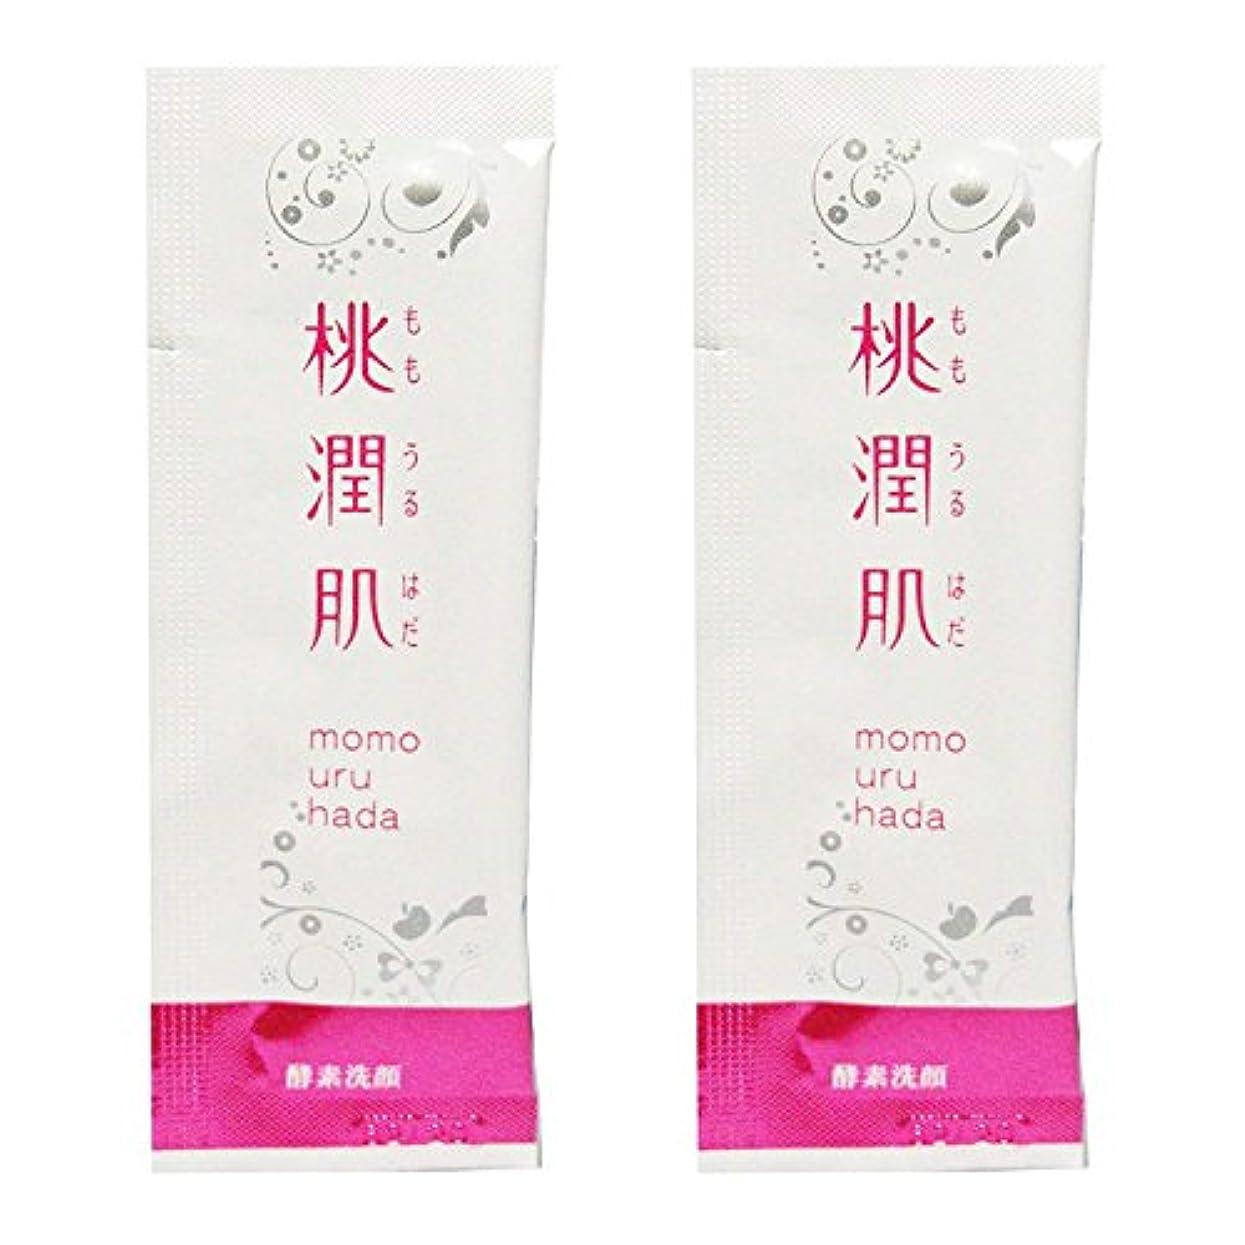 塩辛い燃料立場アスティ 桃潤肌 酵素洗顔パウダー お試し用 2回分 (1g×2包)